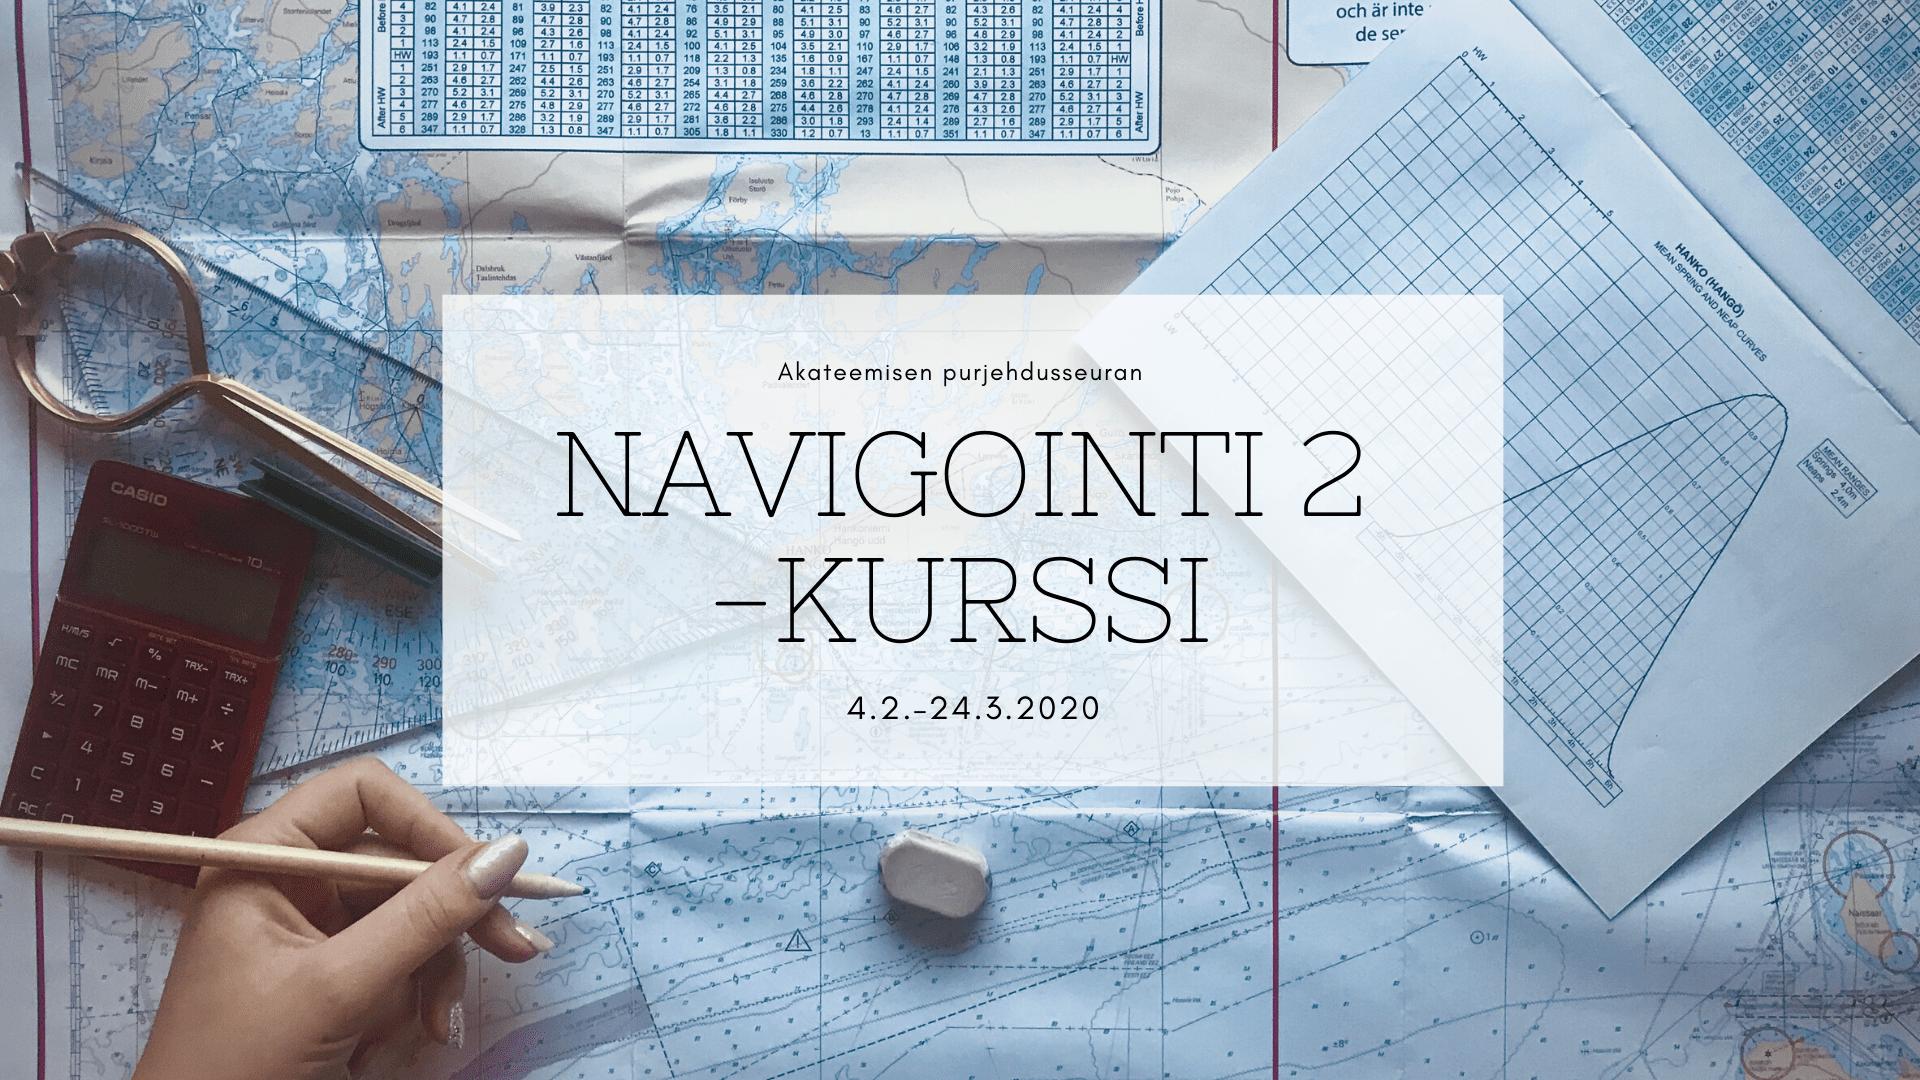 Navigointi 2 -kurssi alkaa 4.2.